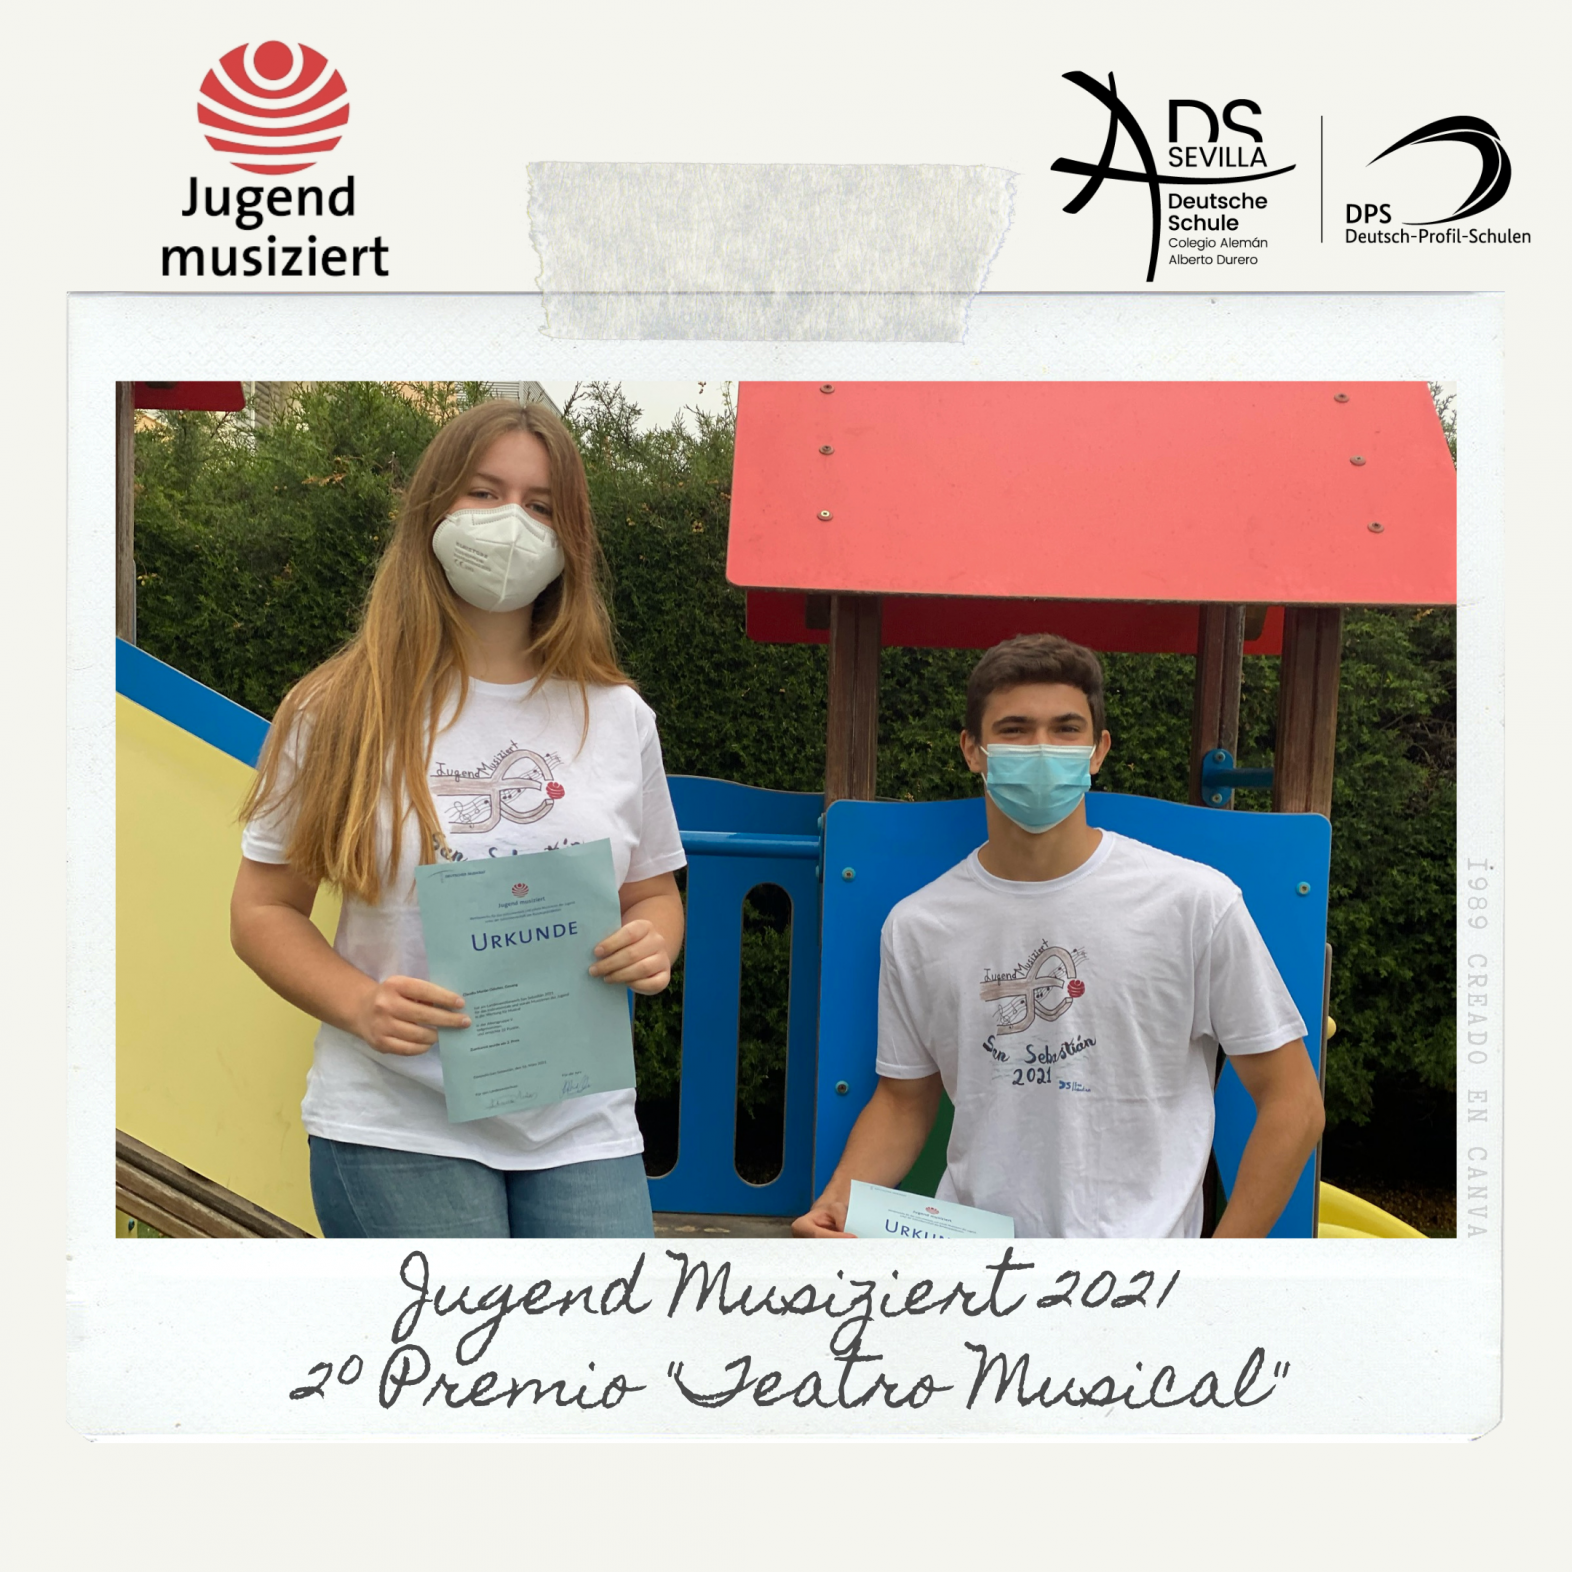 Fantásticos resultados del Colegio Alemán Sevilla en el concurso musical Jugend musiziert 2021